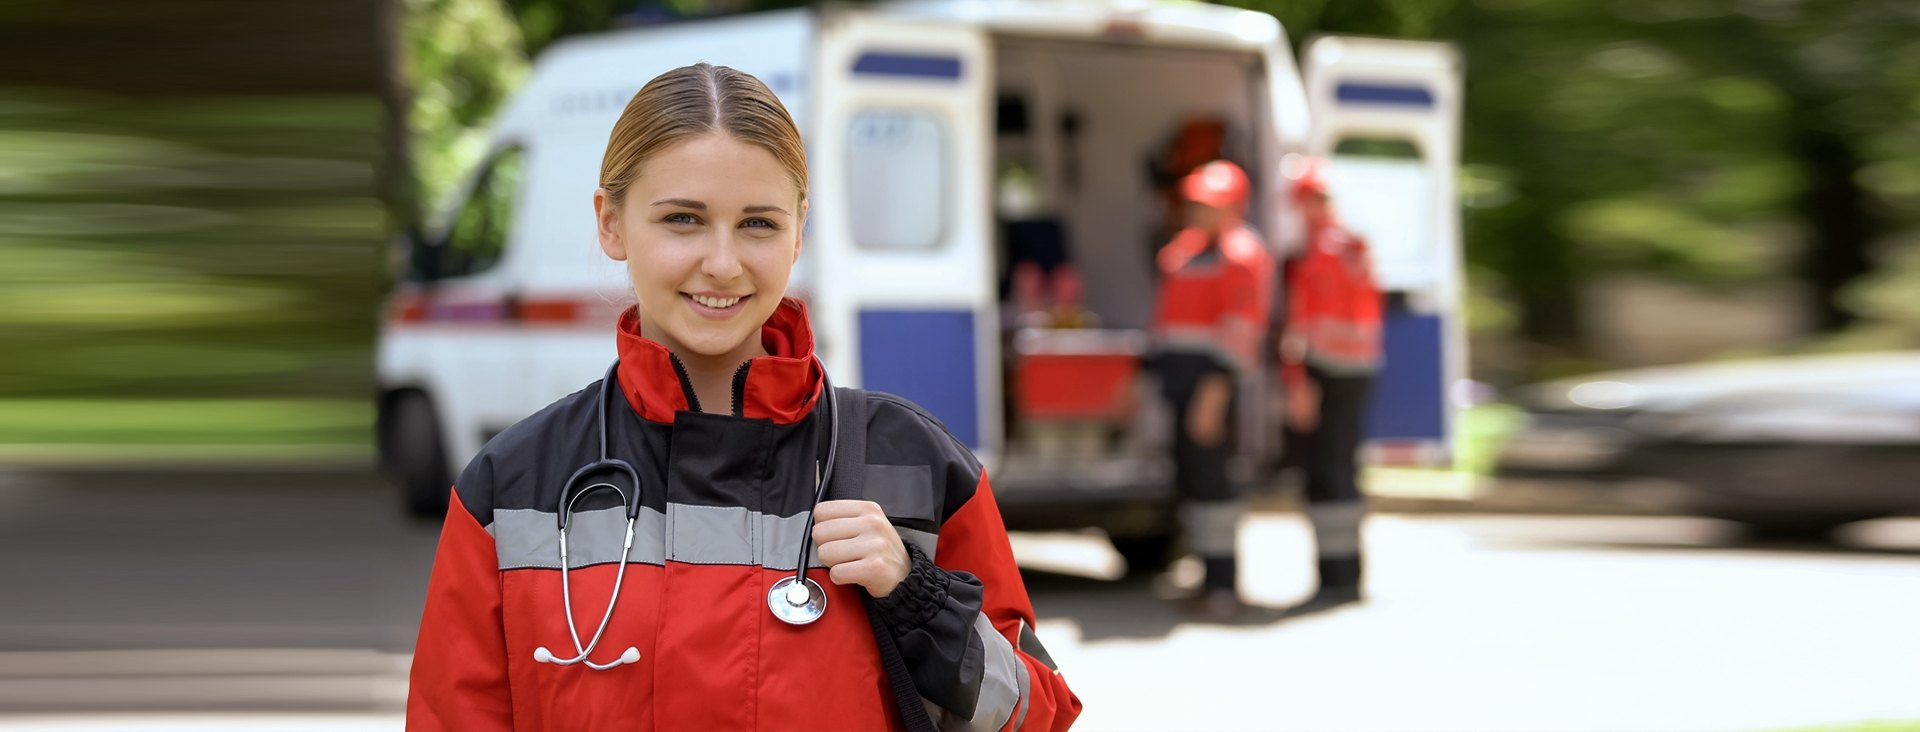 Ambulance USA About Us